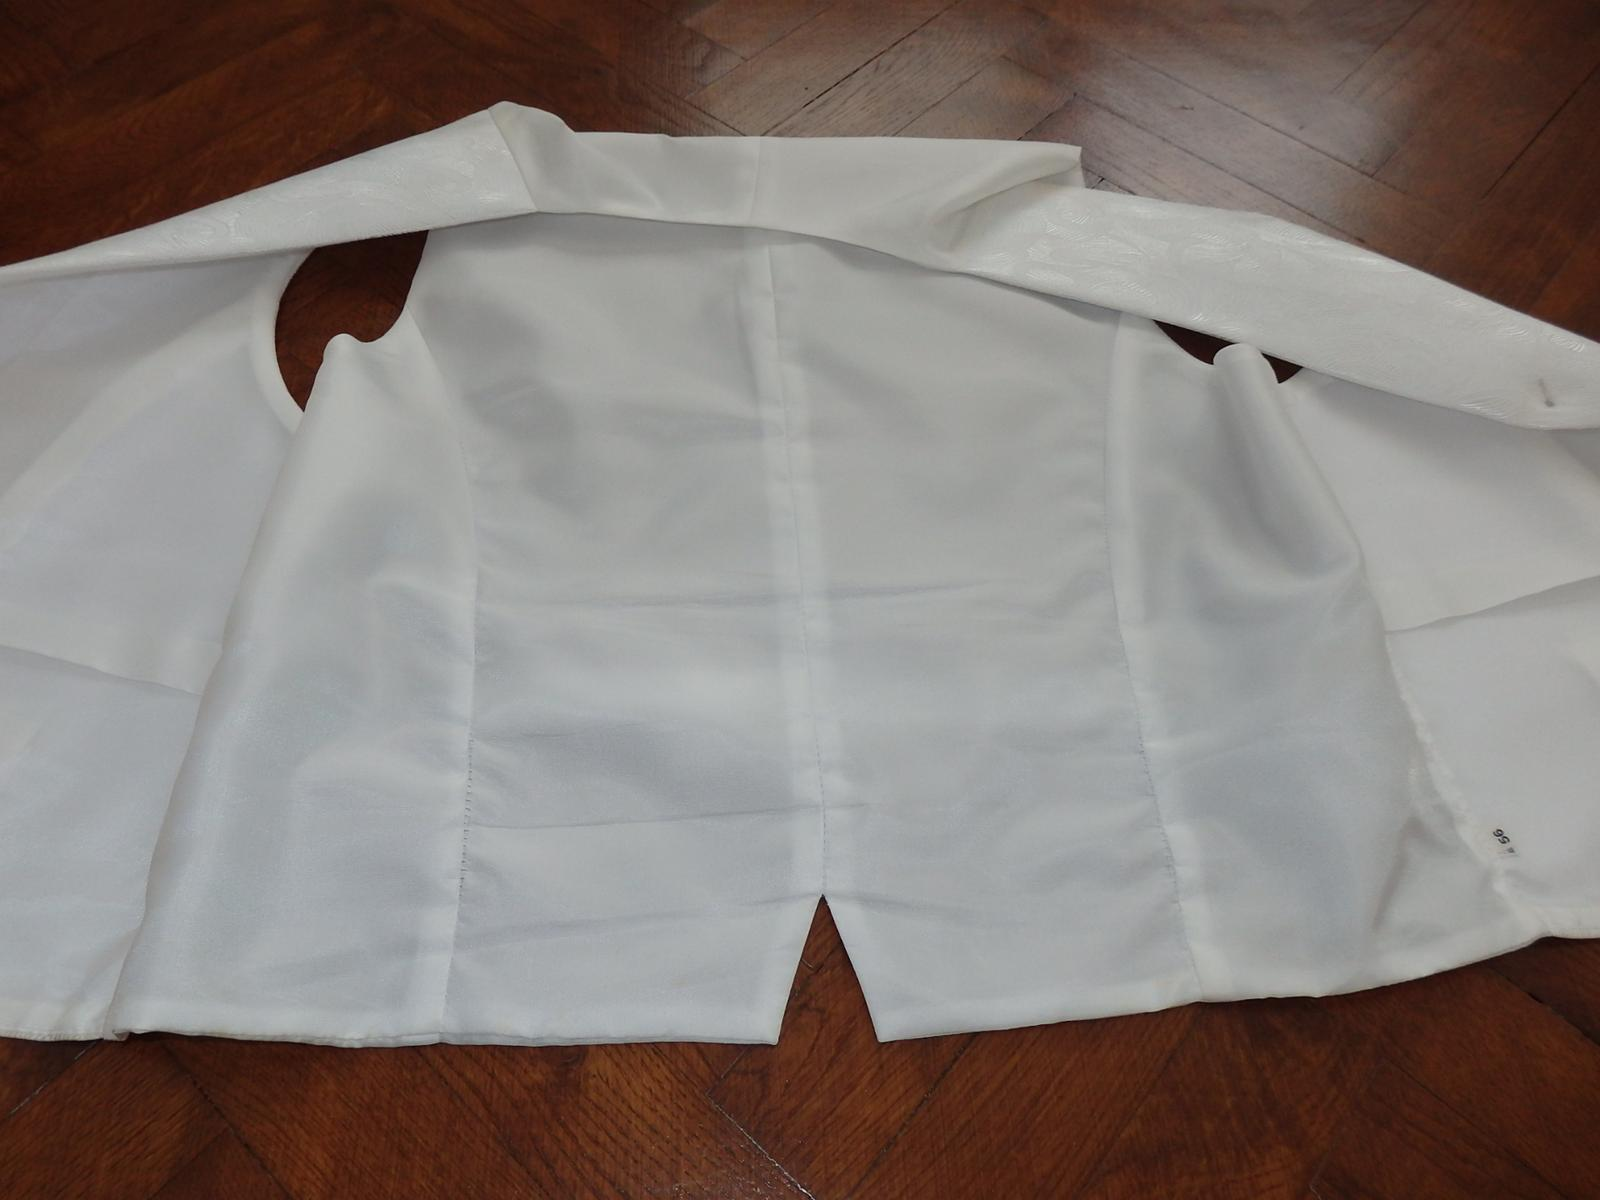 svadobná vesta s kravatou - Obrázok č. 4